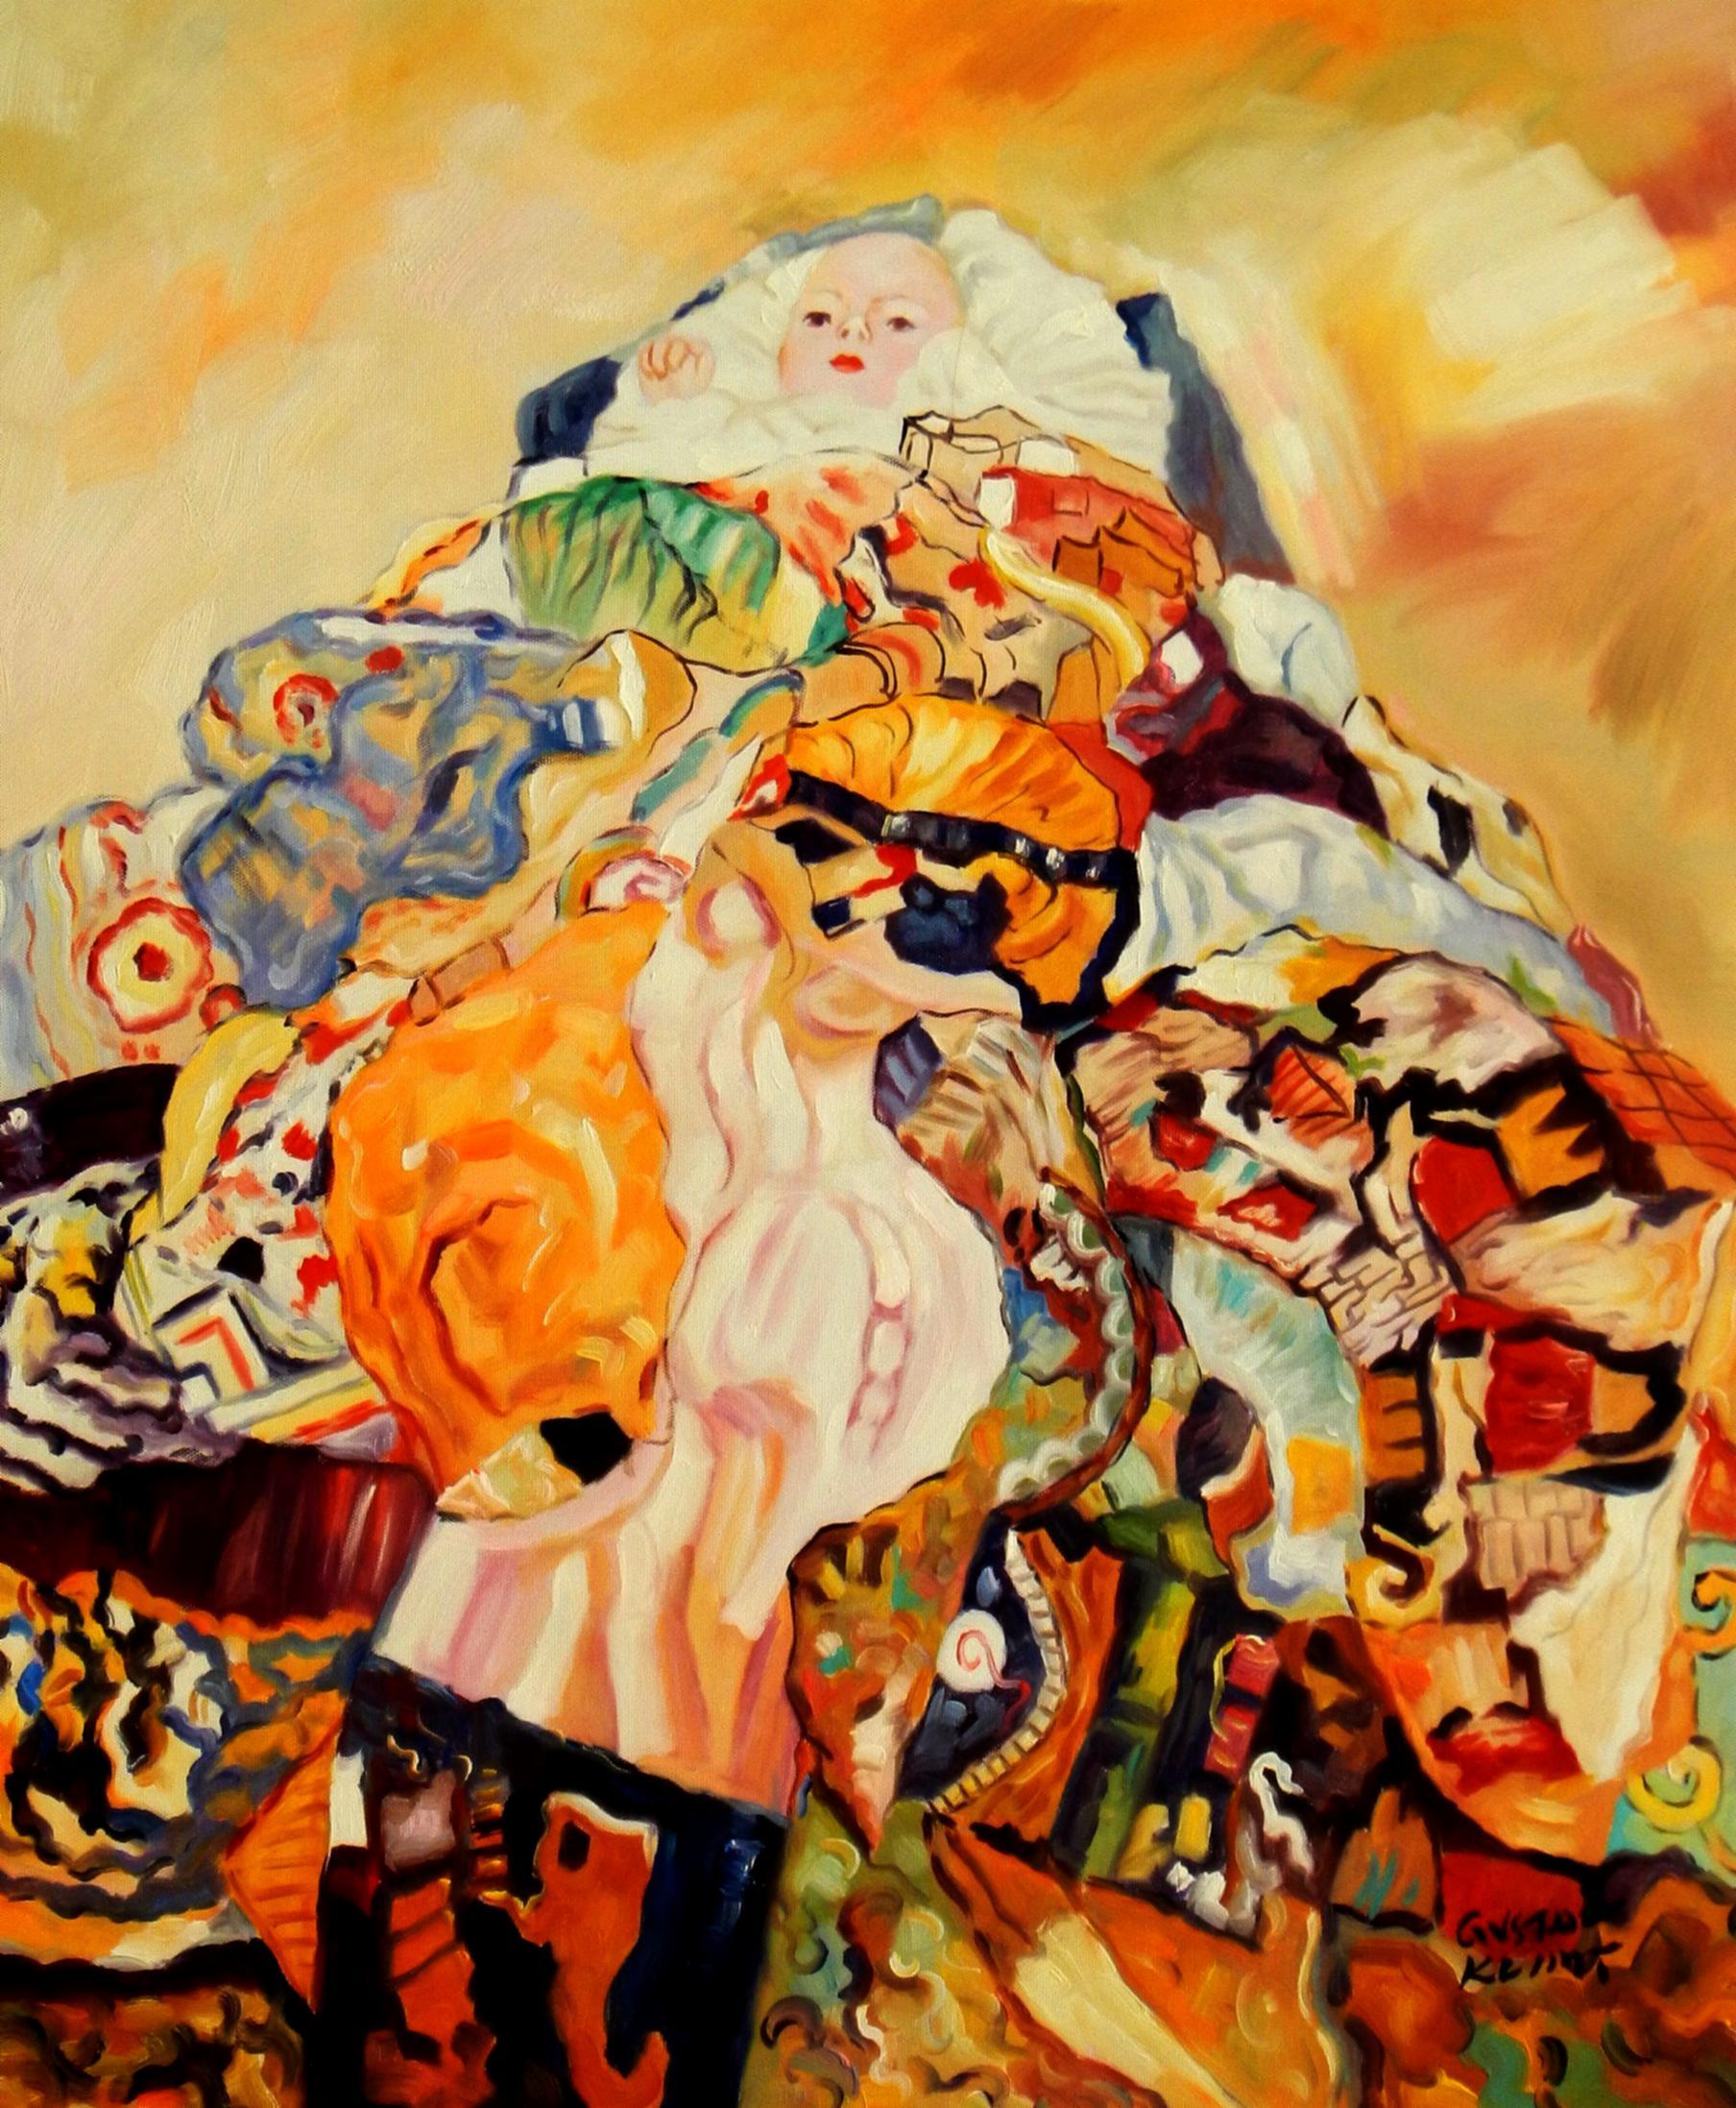 Gustav Klimt - Baby c94190 50x60cm beeindruckendes Ölbild